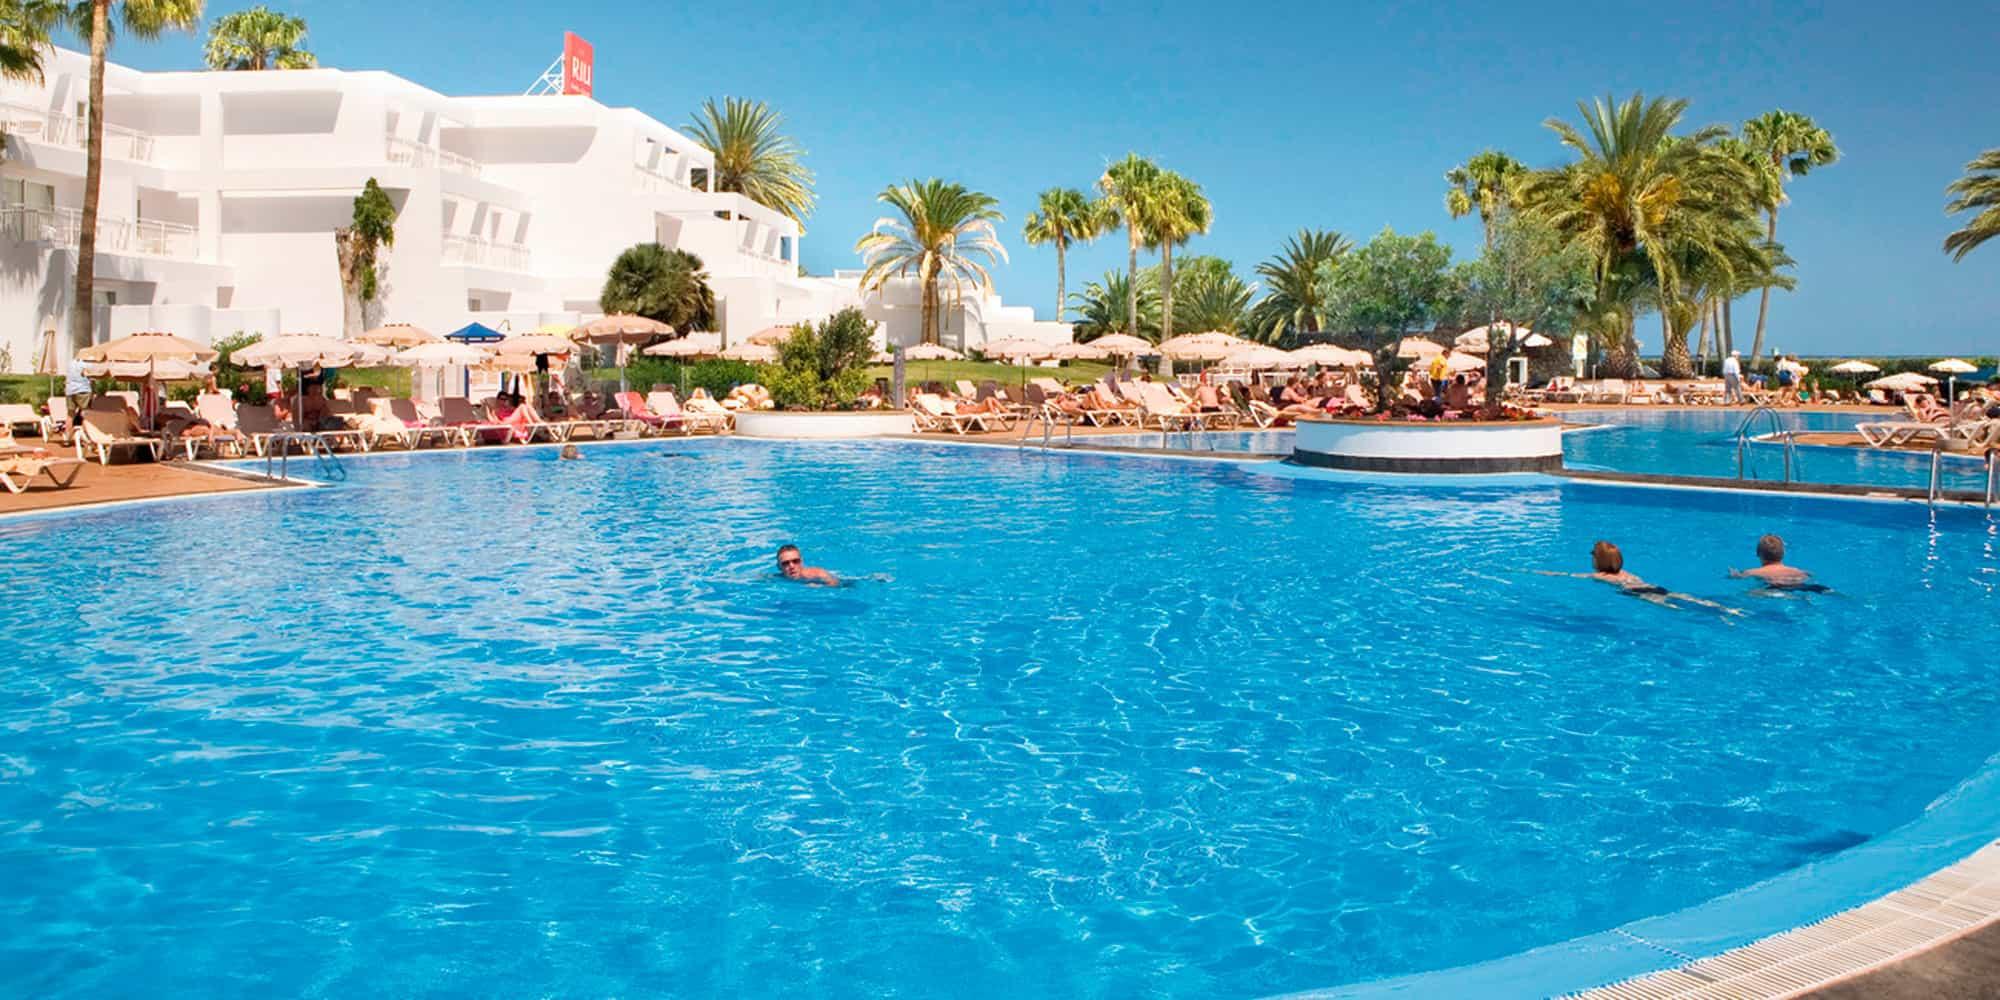 Volo Piu Hotel Cancun